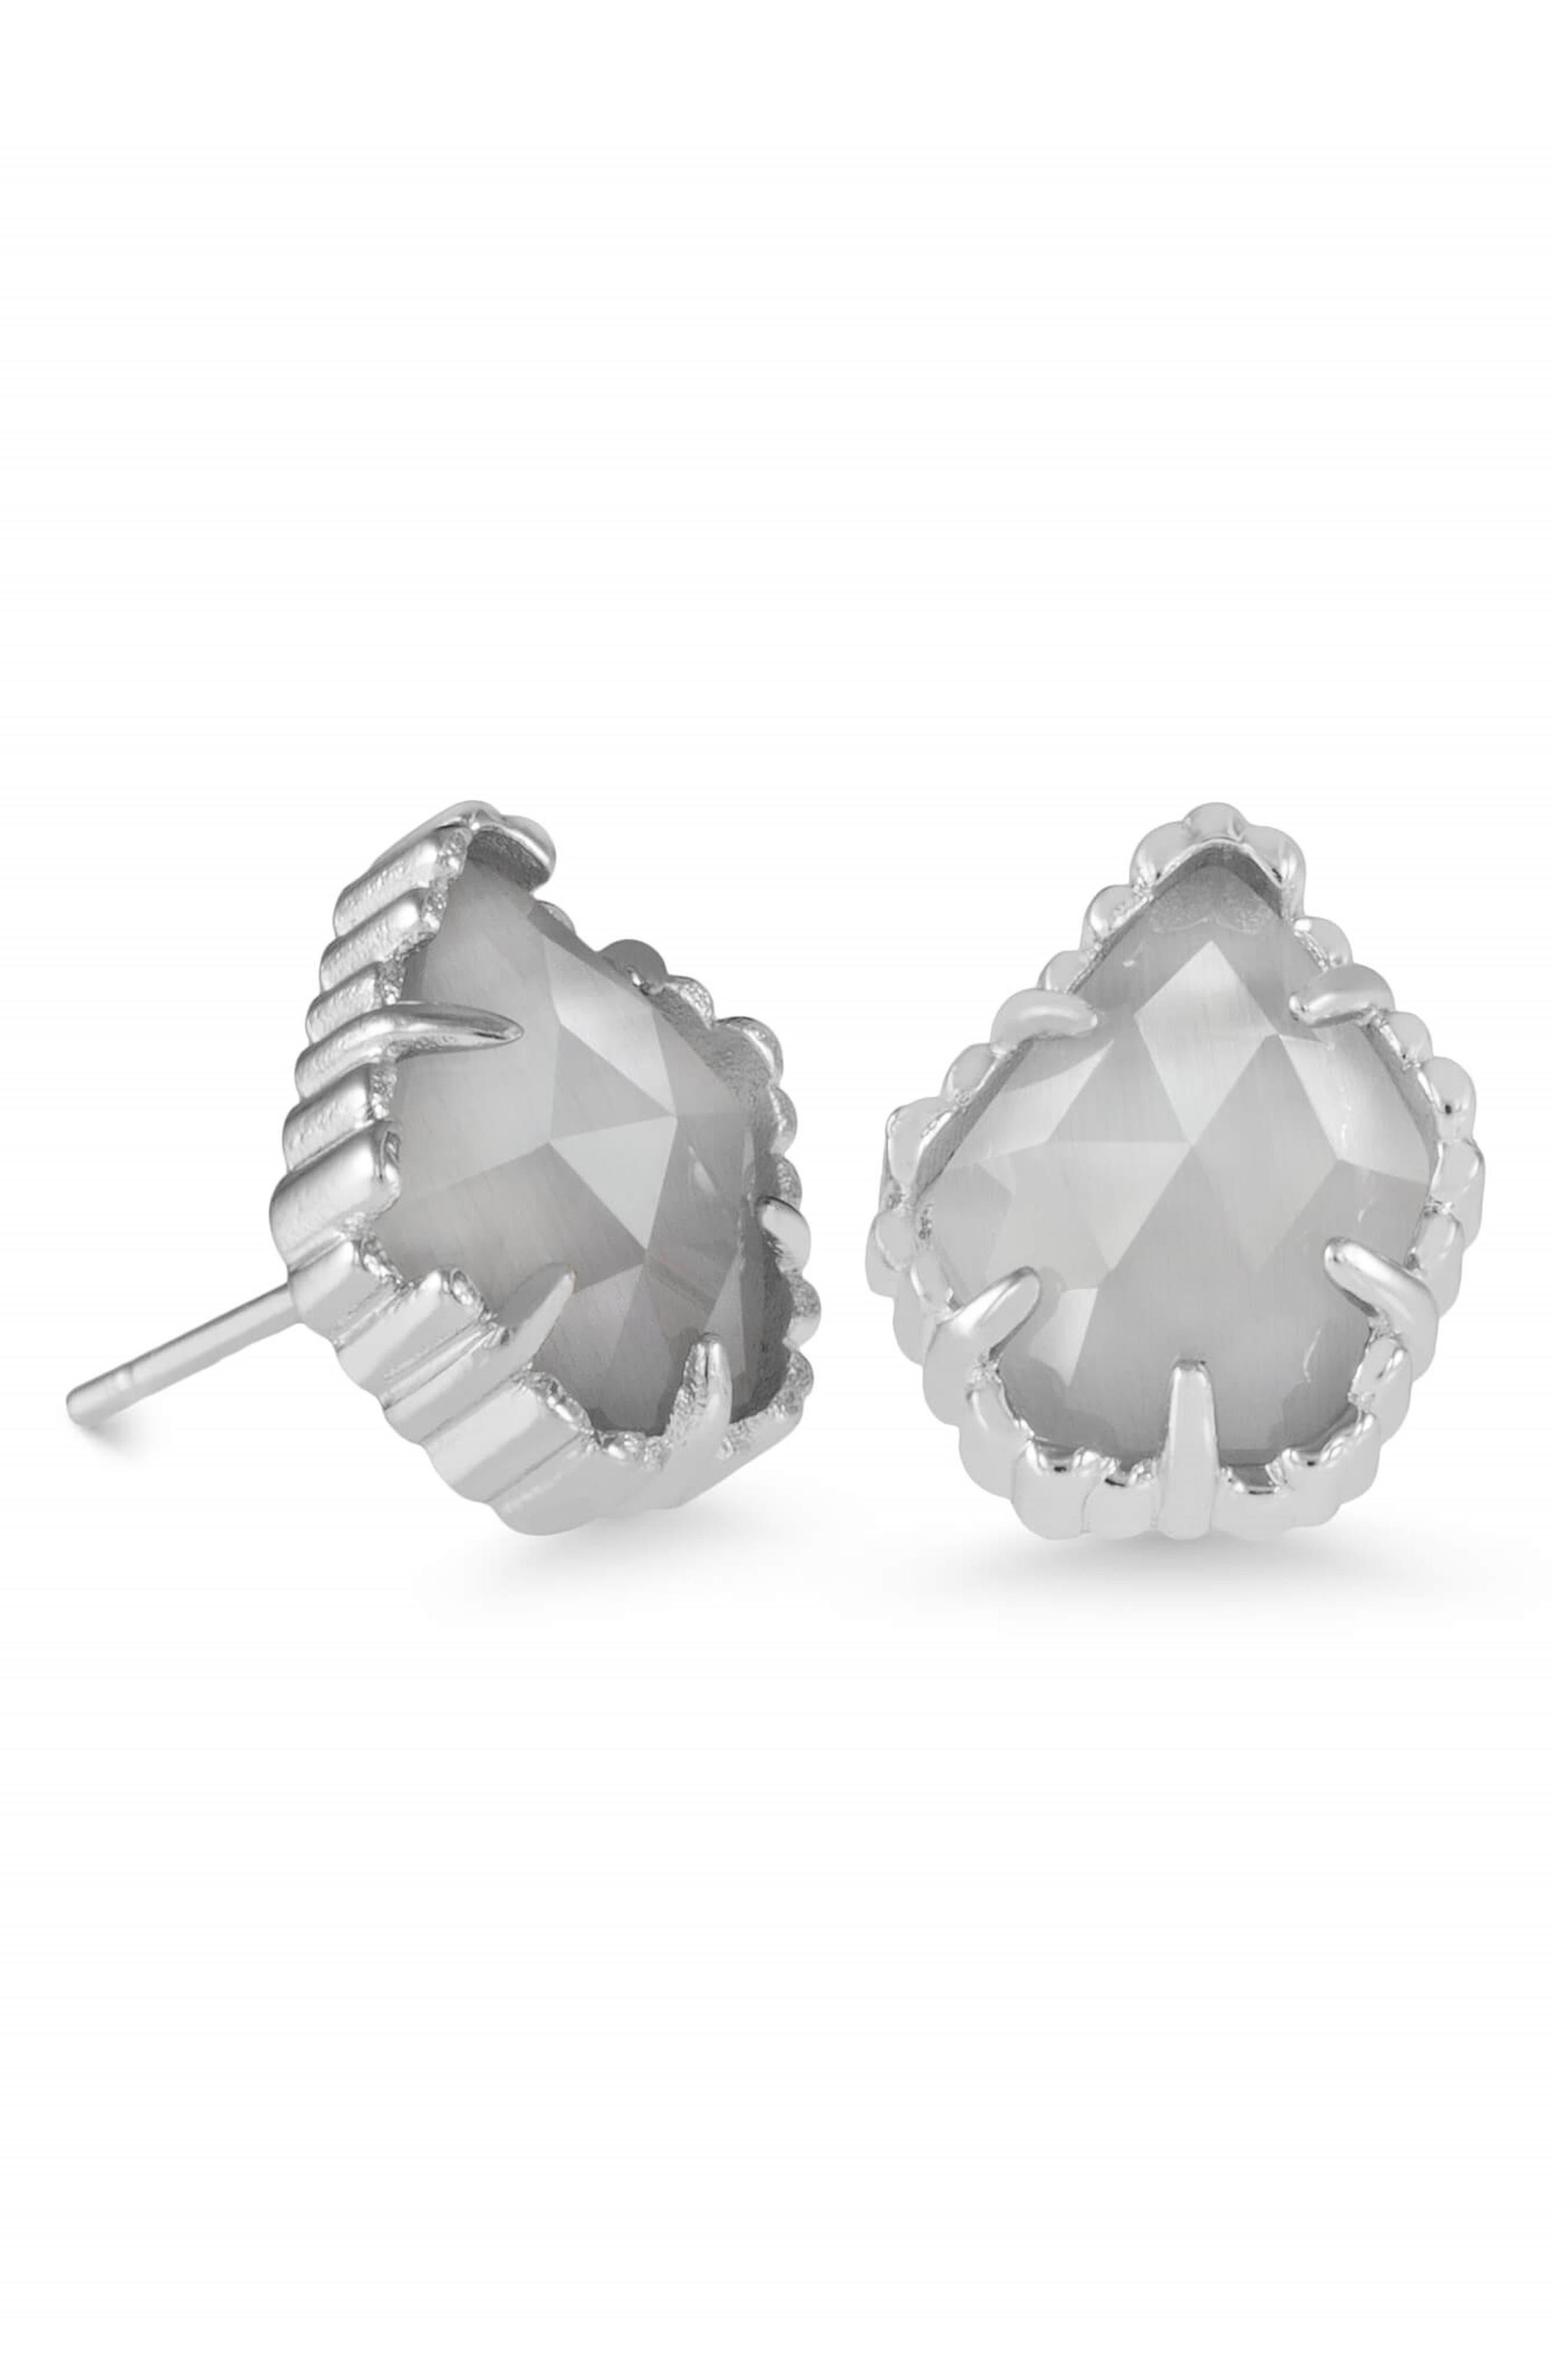 Tessa Stone Stud Earrings,                             Main thumbnail 1, color,                             Slate/ Silver